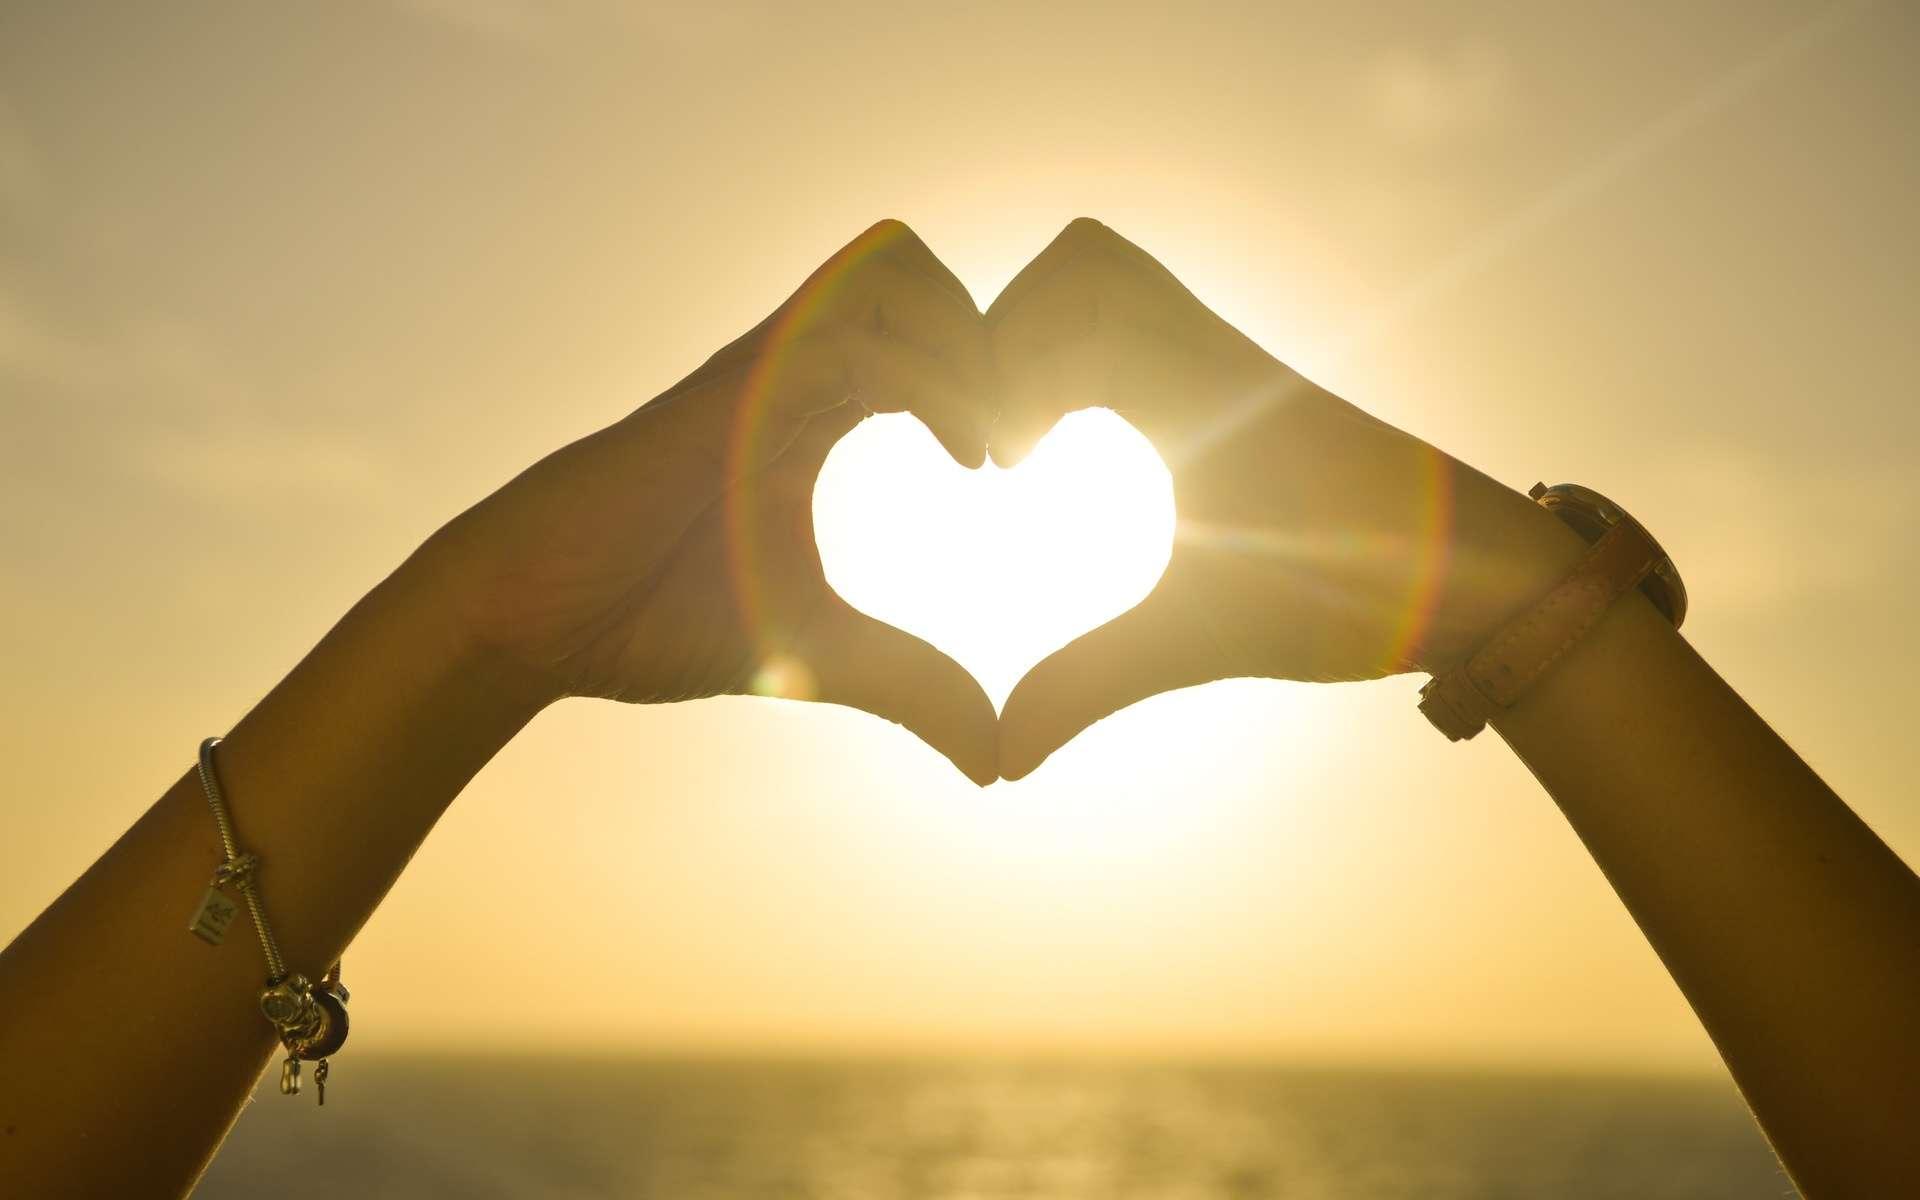 L'ocytocine, qualifiée d'hormone de l'amour, a les mêmes effets psychologiques que l'alcool, les risques pour la santé en moins. © Domaine public